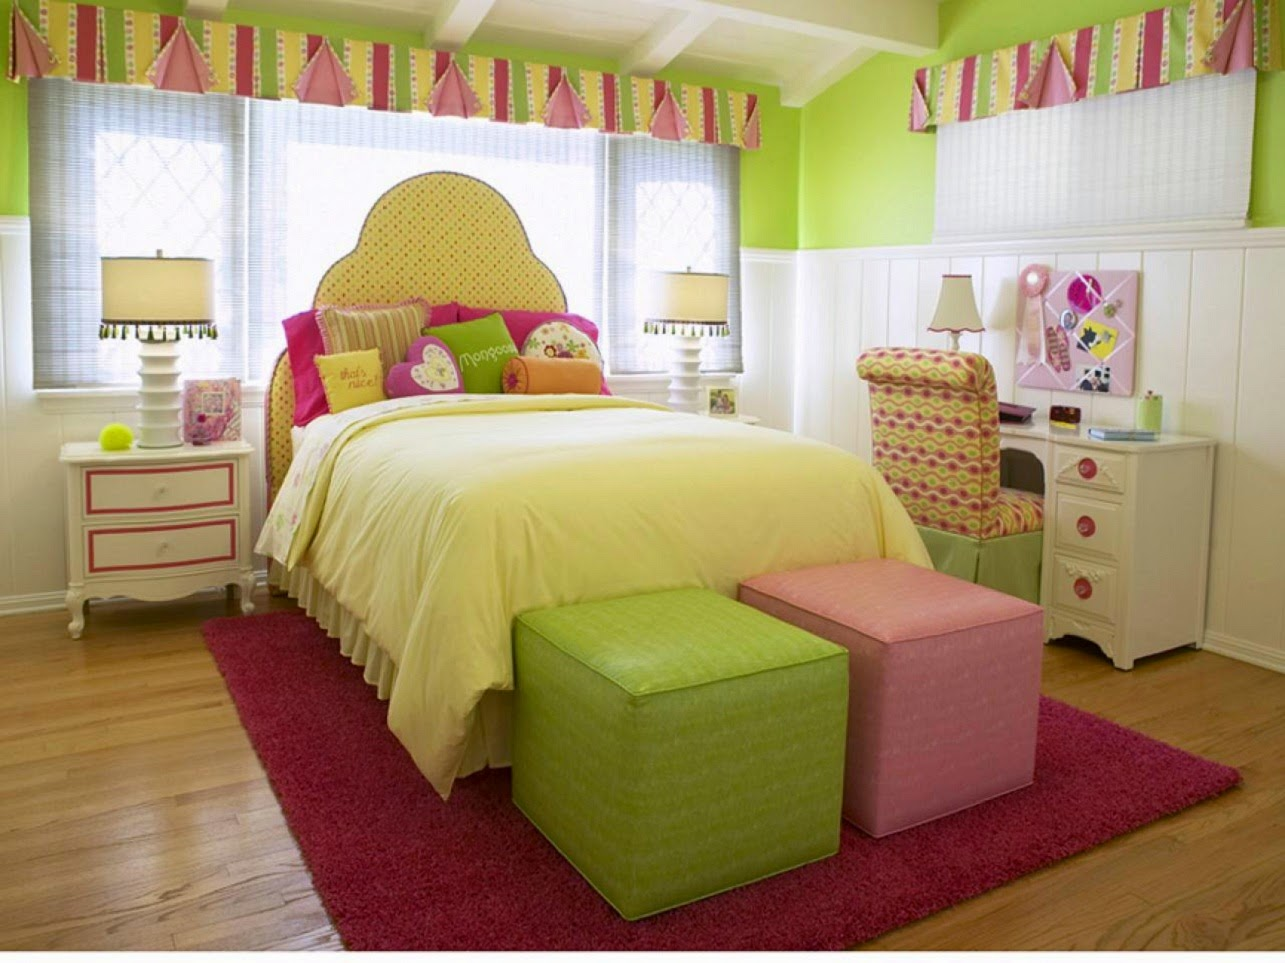 desain kamar tidur remaja perempuan | interior rumah